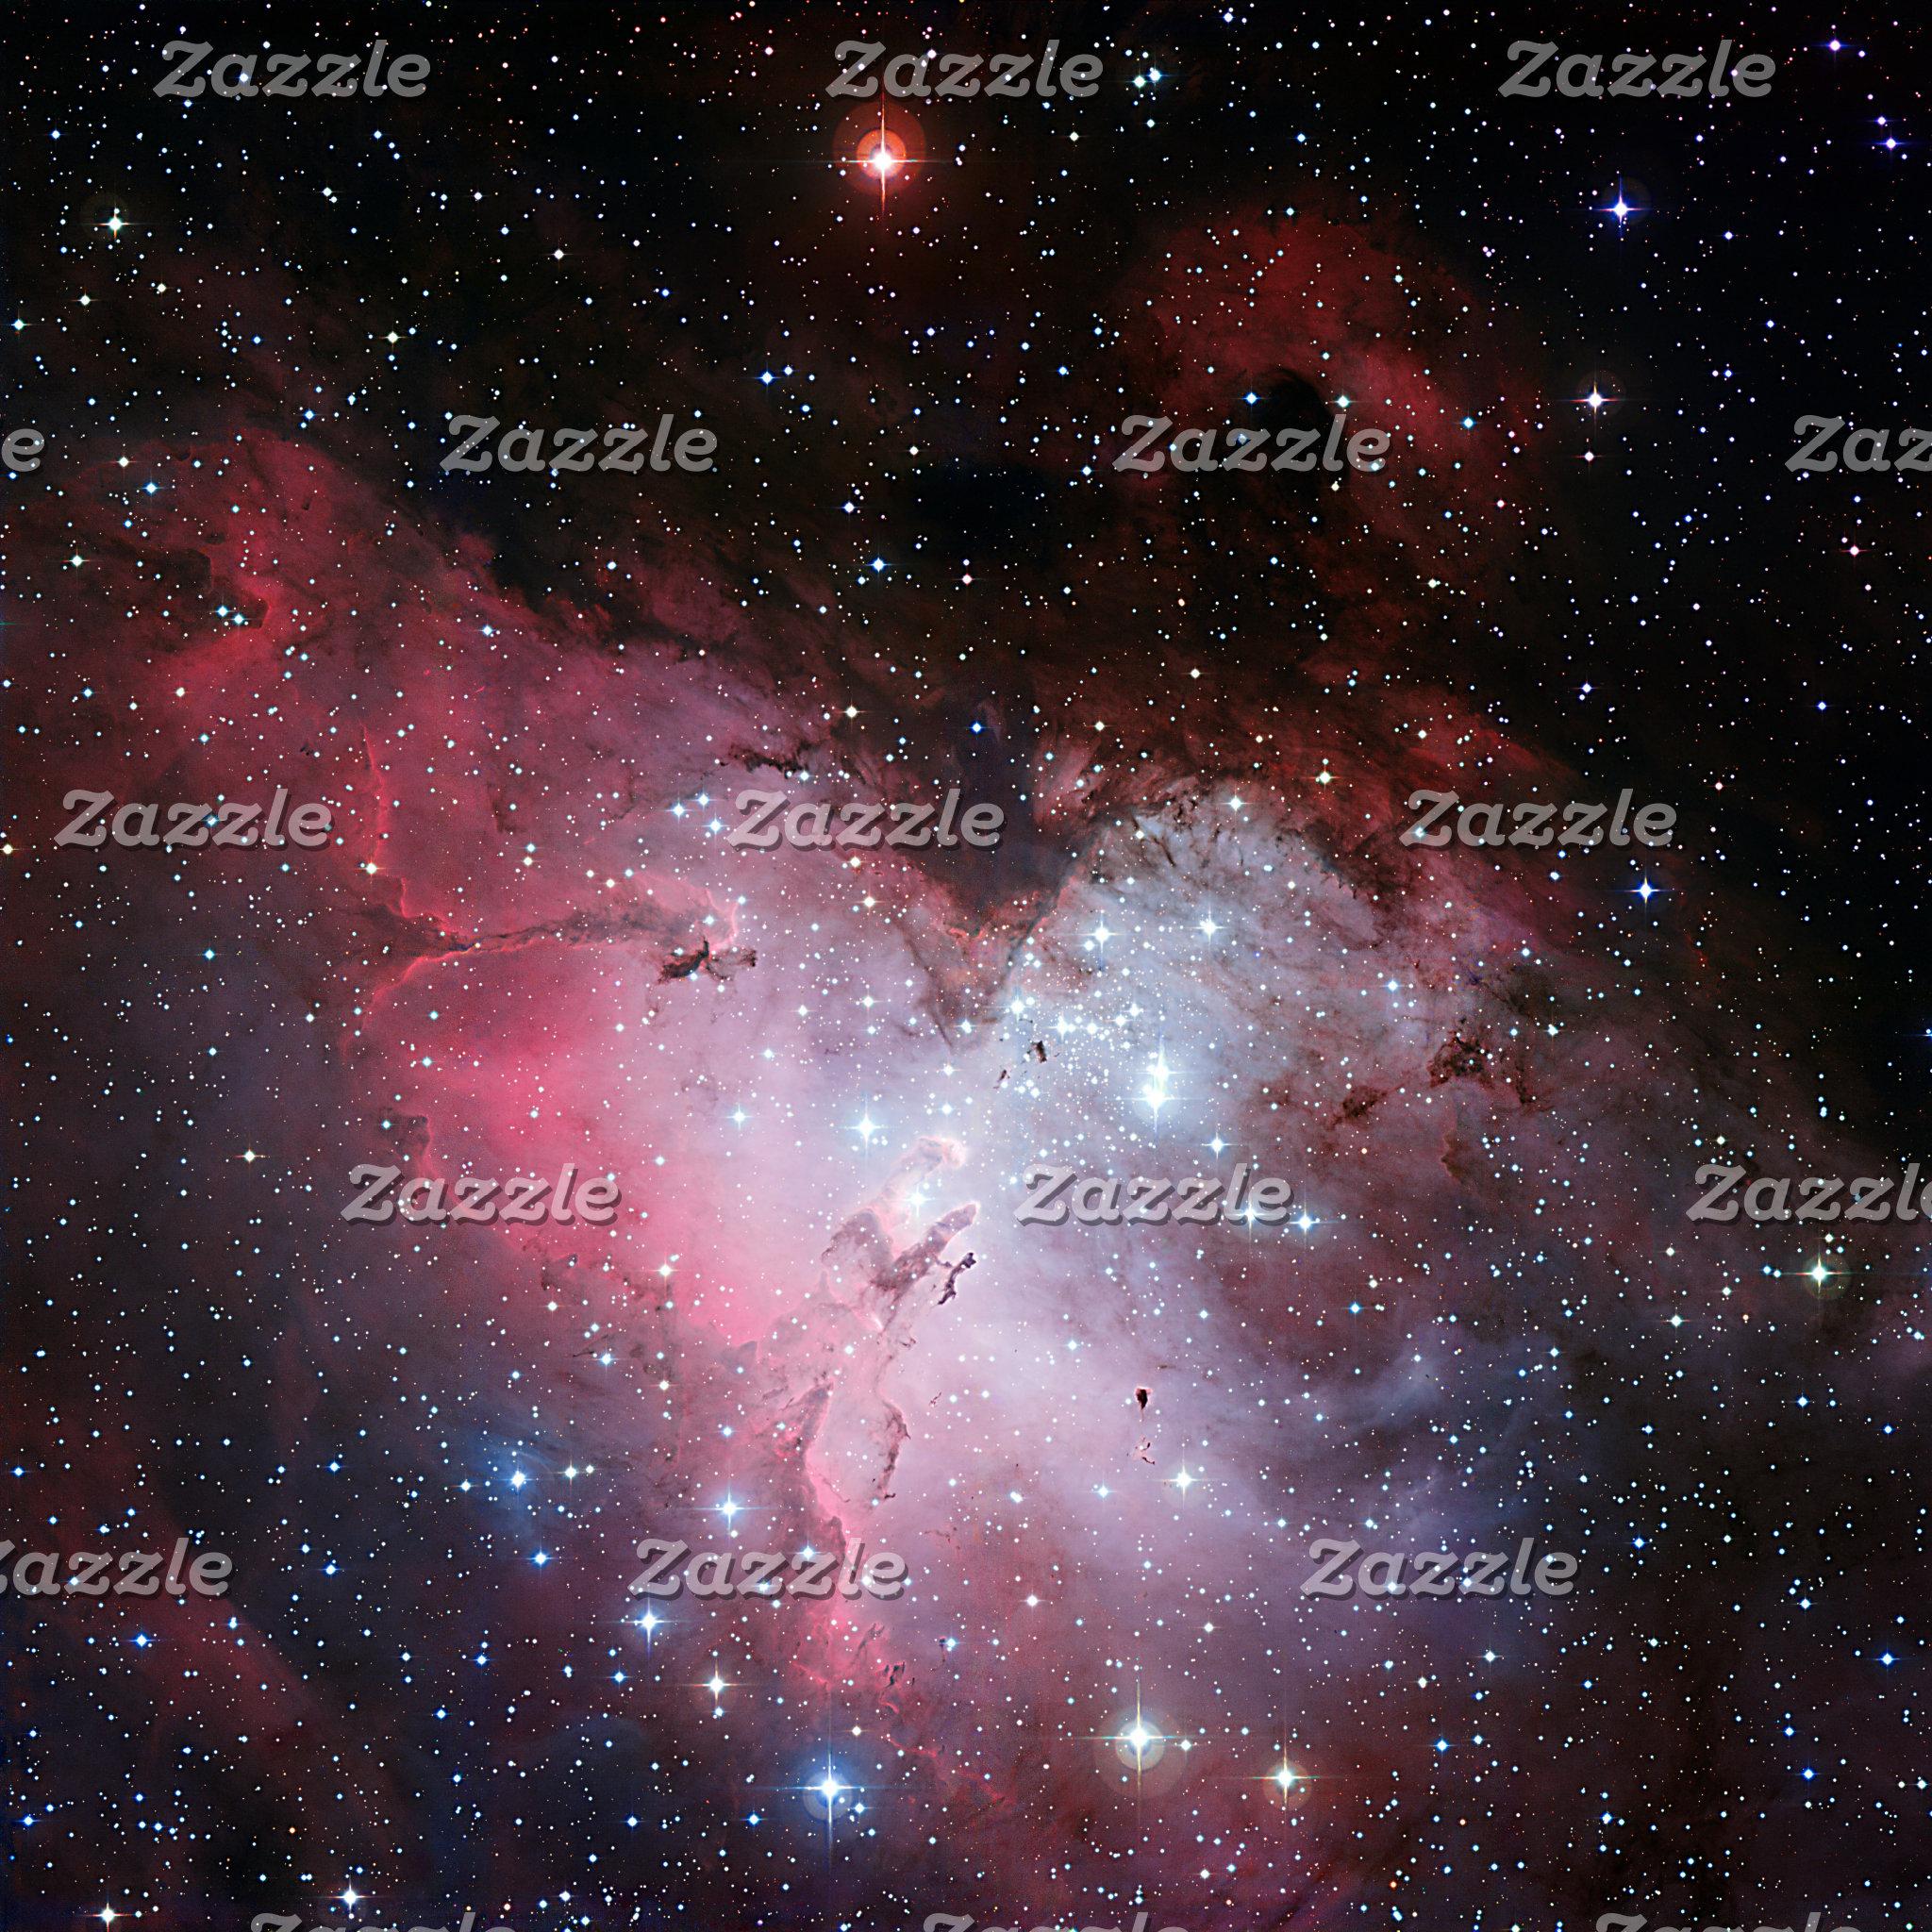 * Space NASA